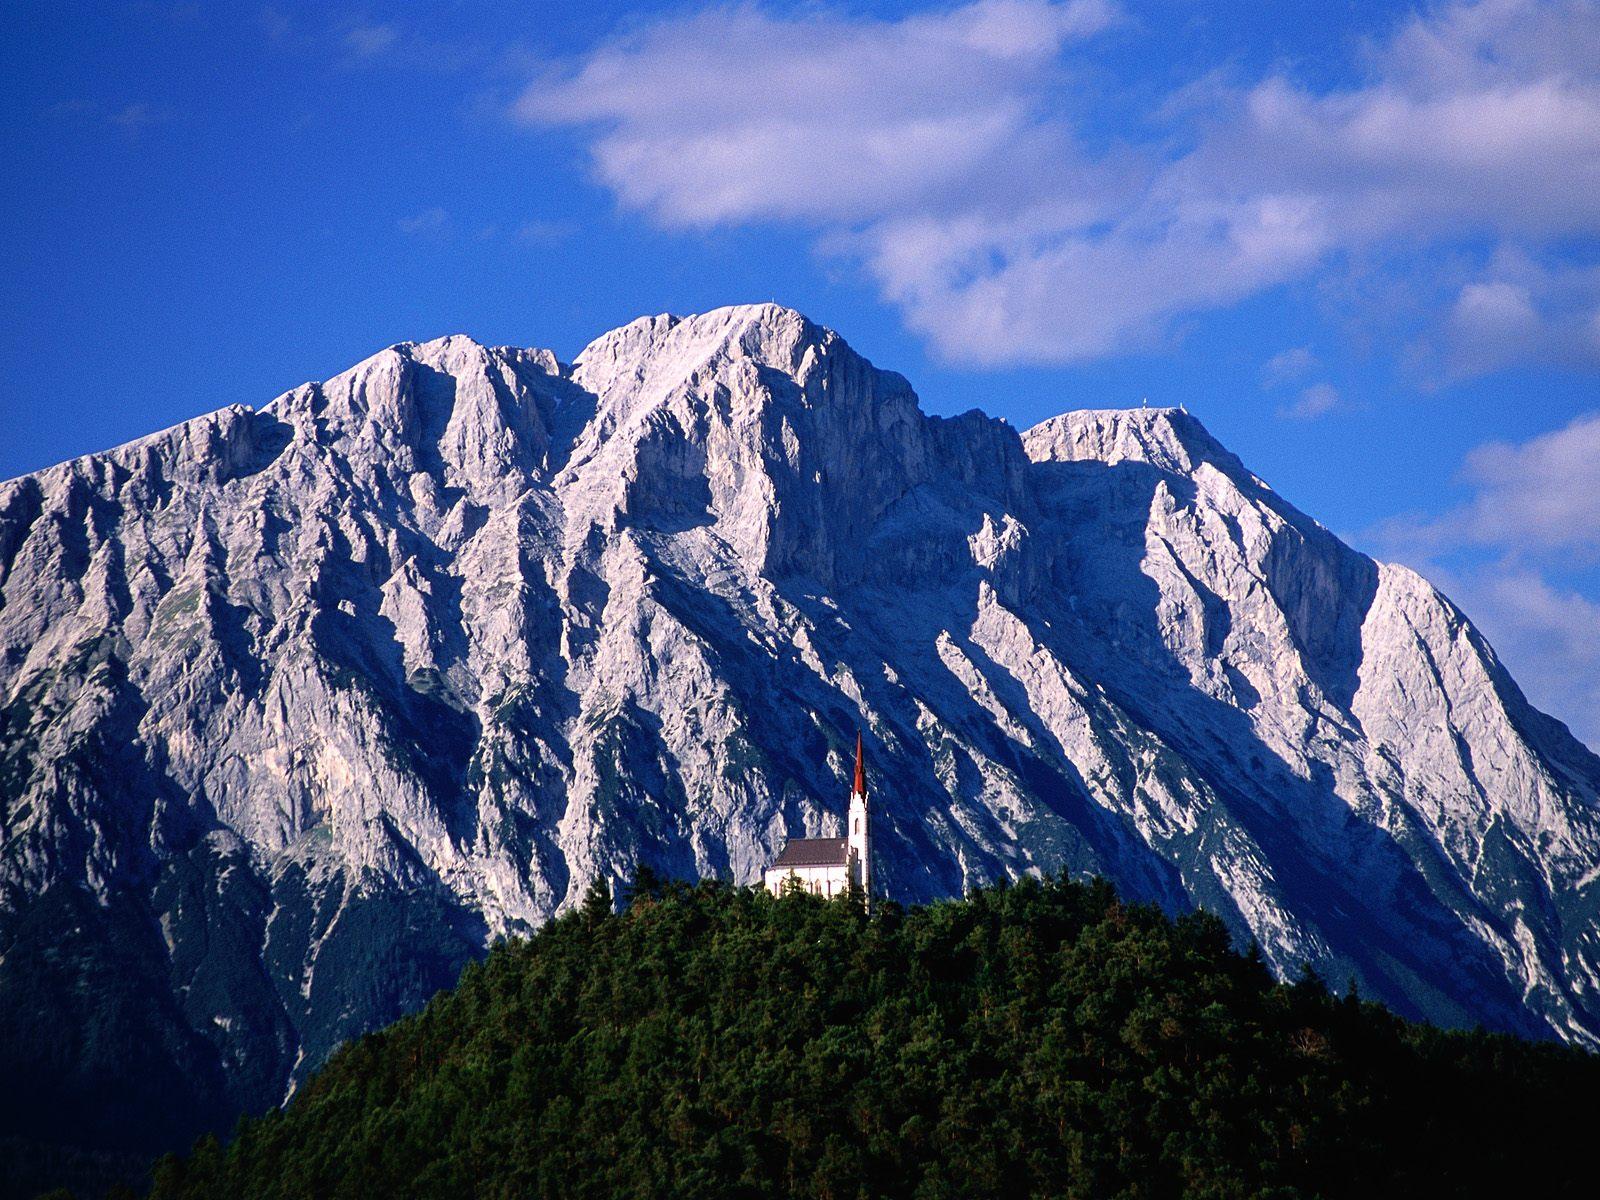 http://4.bp.blogspot.com/-ZioFDzEwewM/TonLBELpYzI/AAAAAAAAAY0/_ckpEwD4Hmc/s1600/Hillside+Church+and+Mount+Griesspitzen%252C+Tirol%252C+Austria.jpg